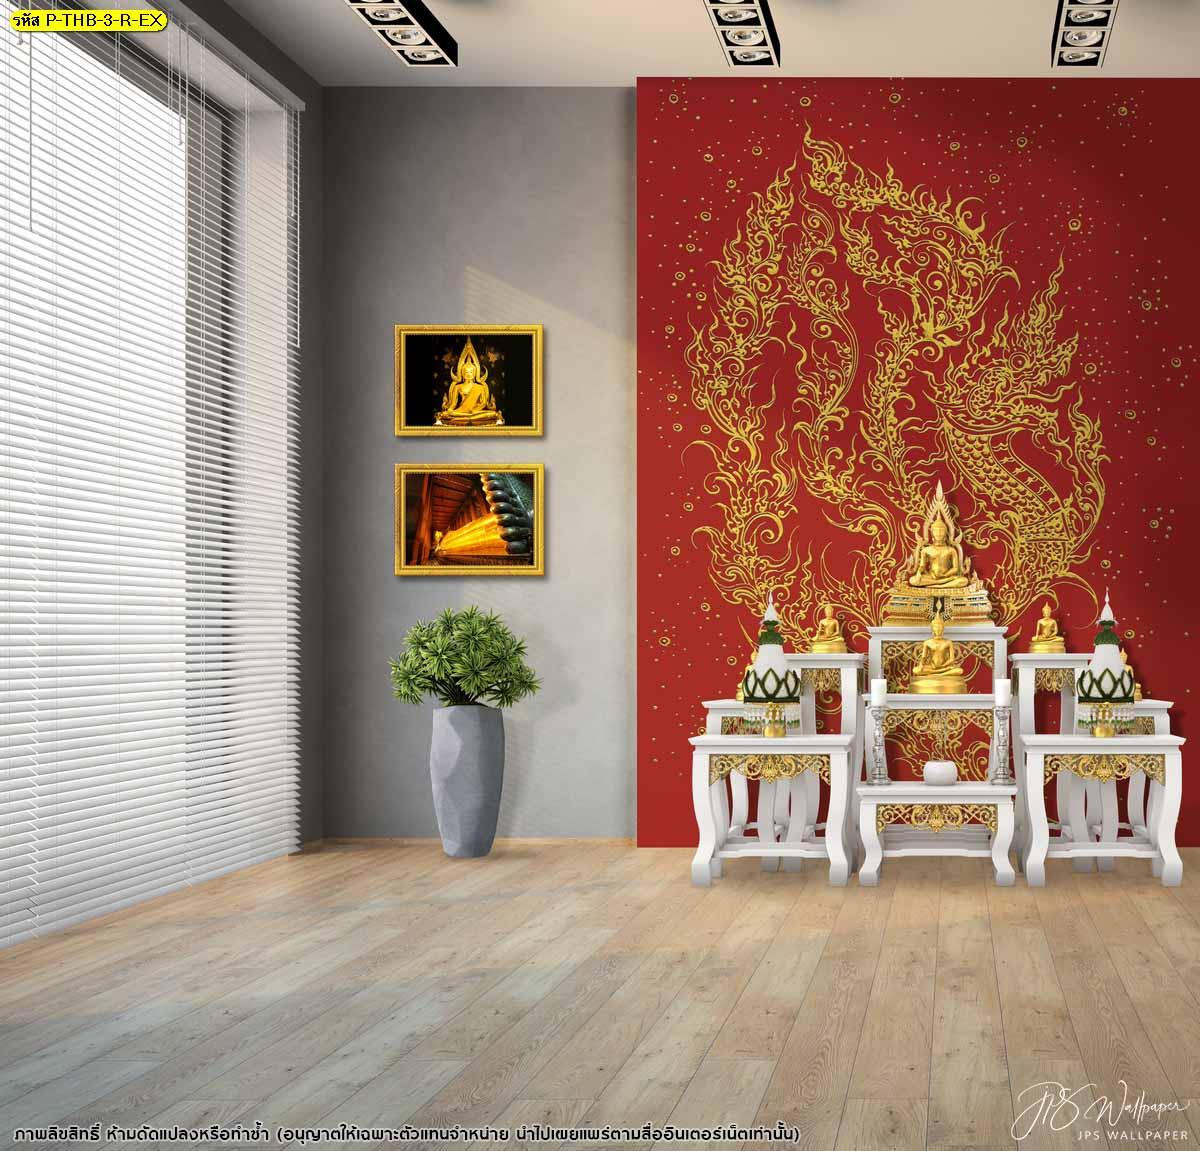 ไอเดียห้องพระ แบบห้องพระสีแดง วอลเปเปอร์ลายไม่เหมือนใคร